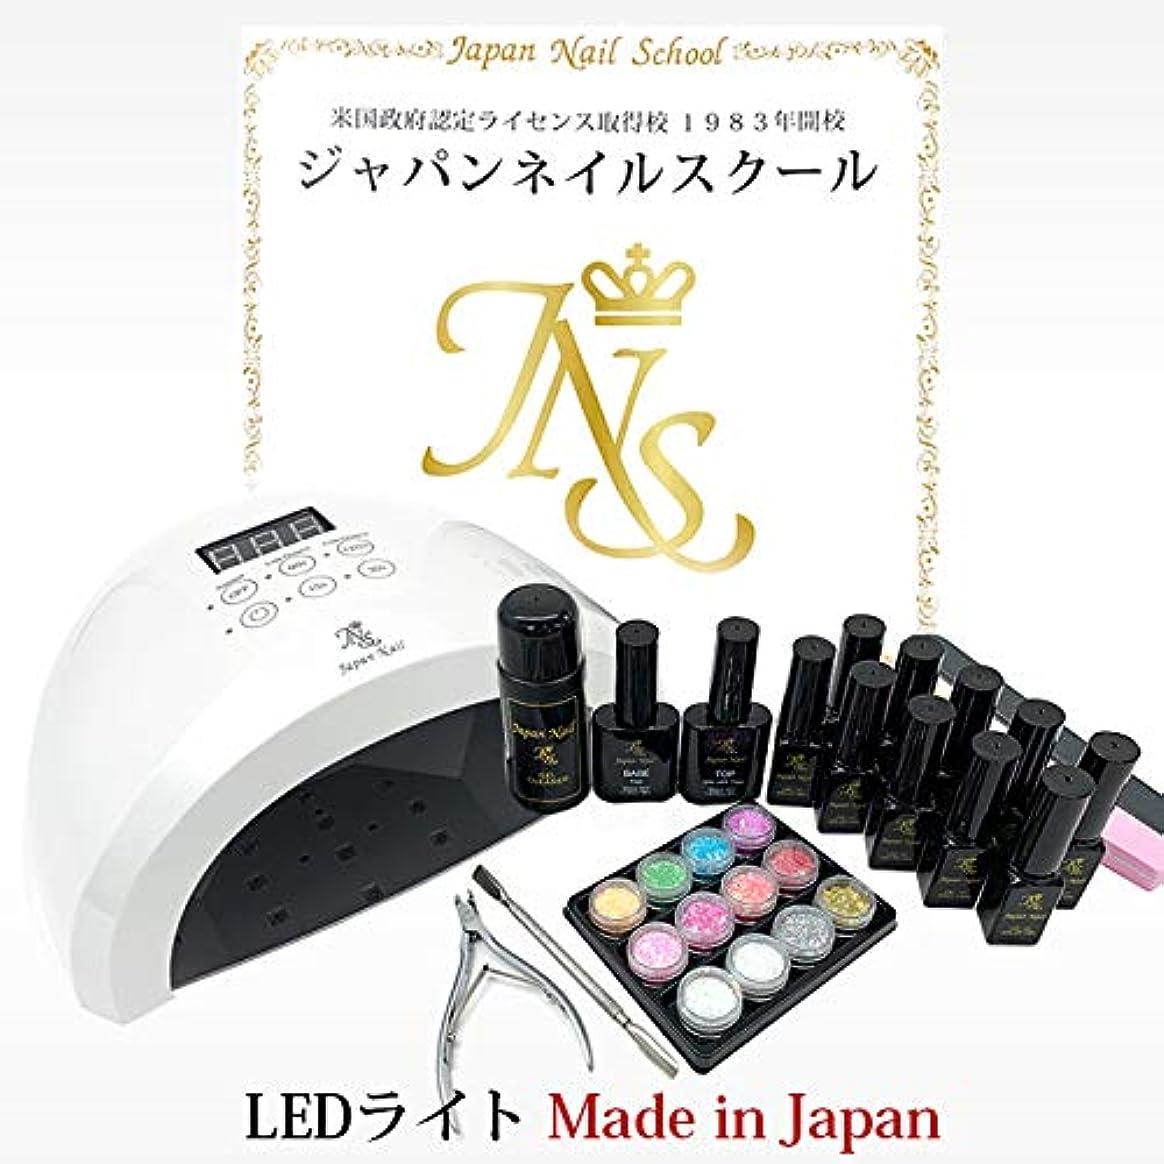 贈り物空中ベリー弱爪?傷爪でも熱くない2つのローダウン機能搭載ジェルネイルキット最新型日本製LEDライトn7初心者も安心の5年間サポート付